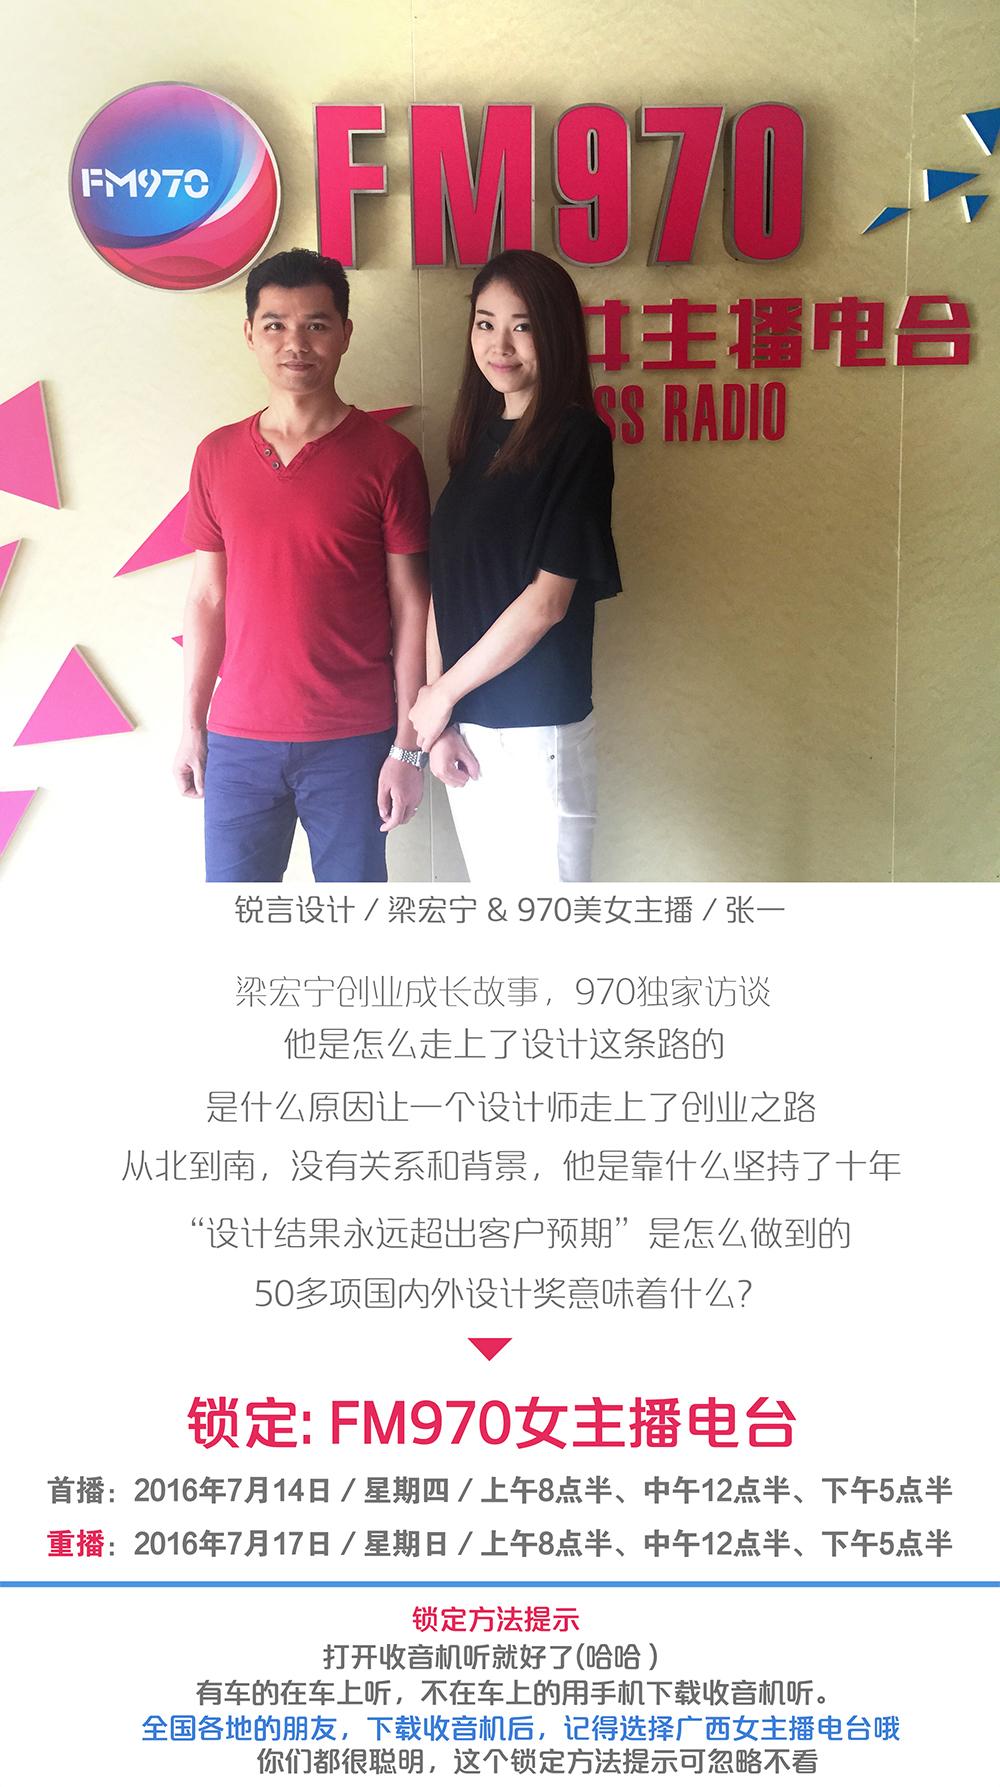 广西FM970女主播电台独家访谈锐言设计梁宏宁